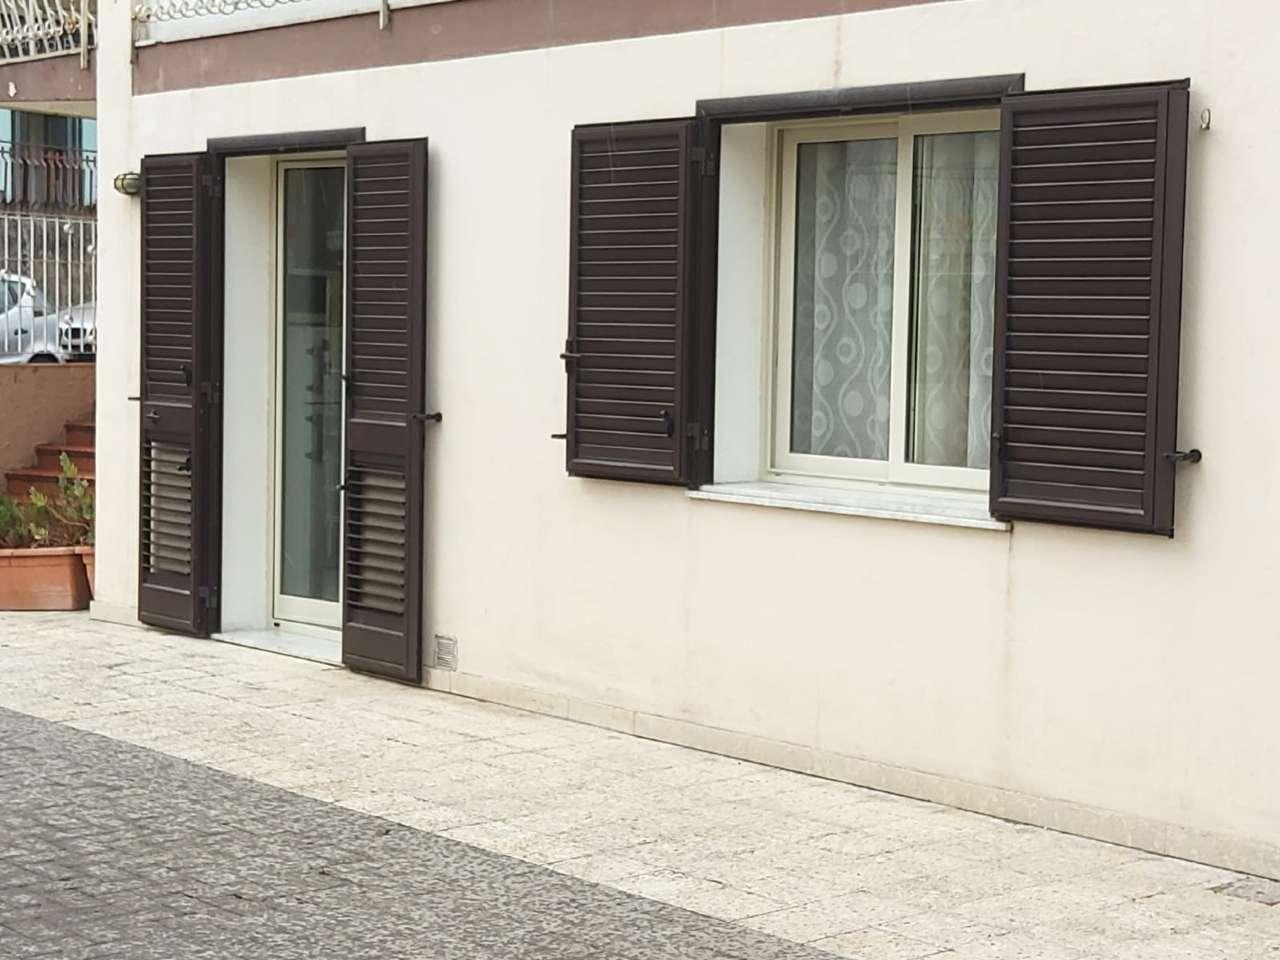 Appartamento in vendita a Acireale, 3 locali, prezzo € 70.000 | PortaleAgenzieImmobiliari.it